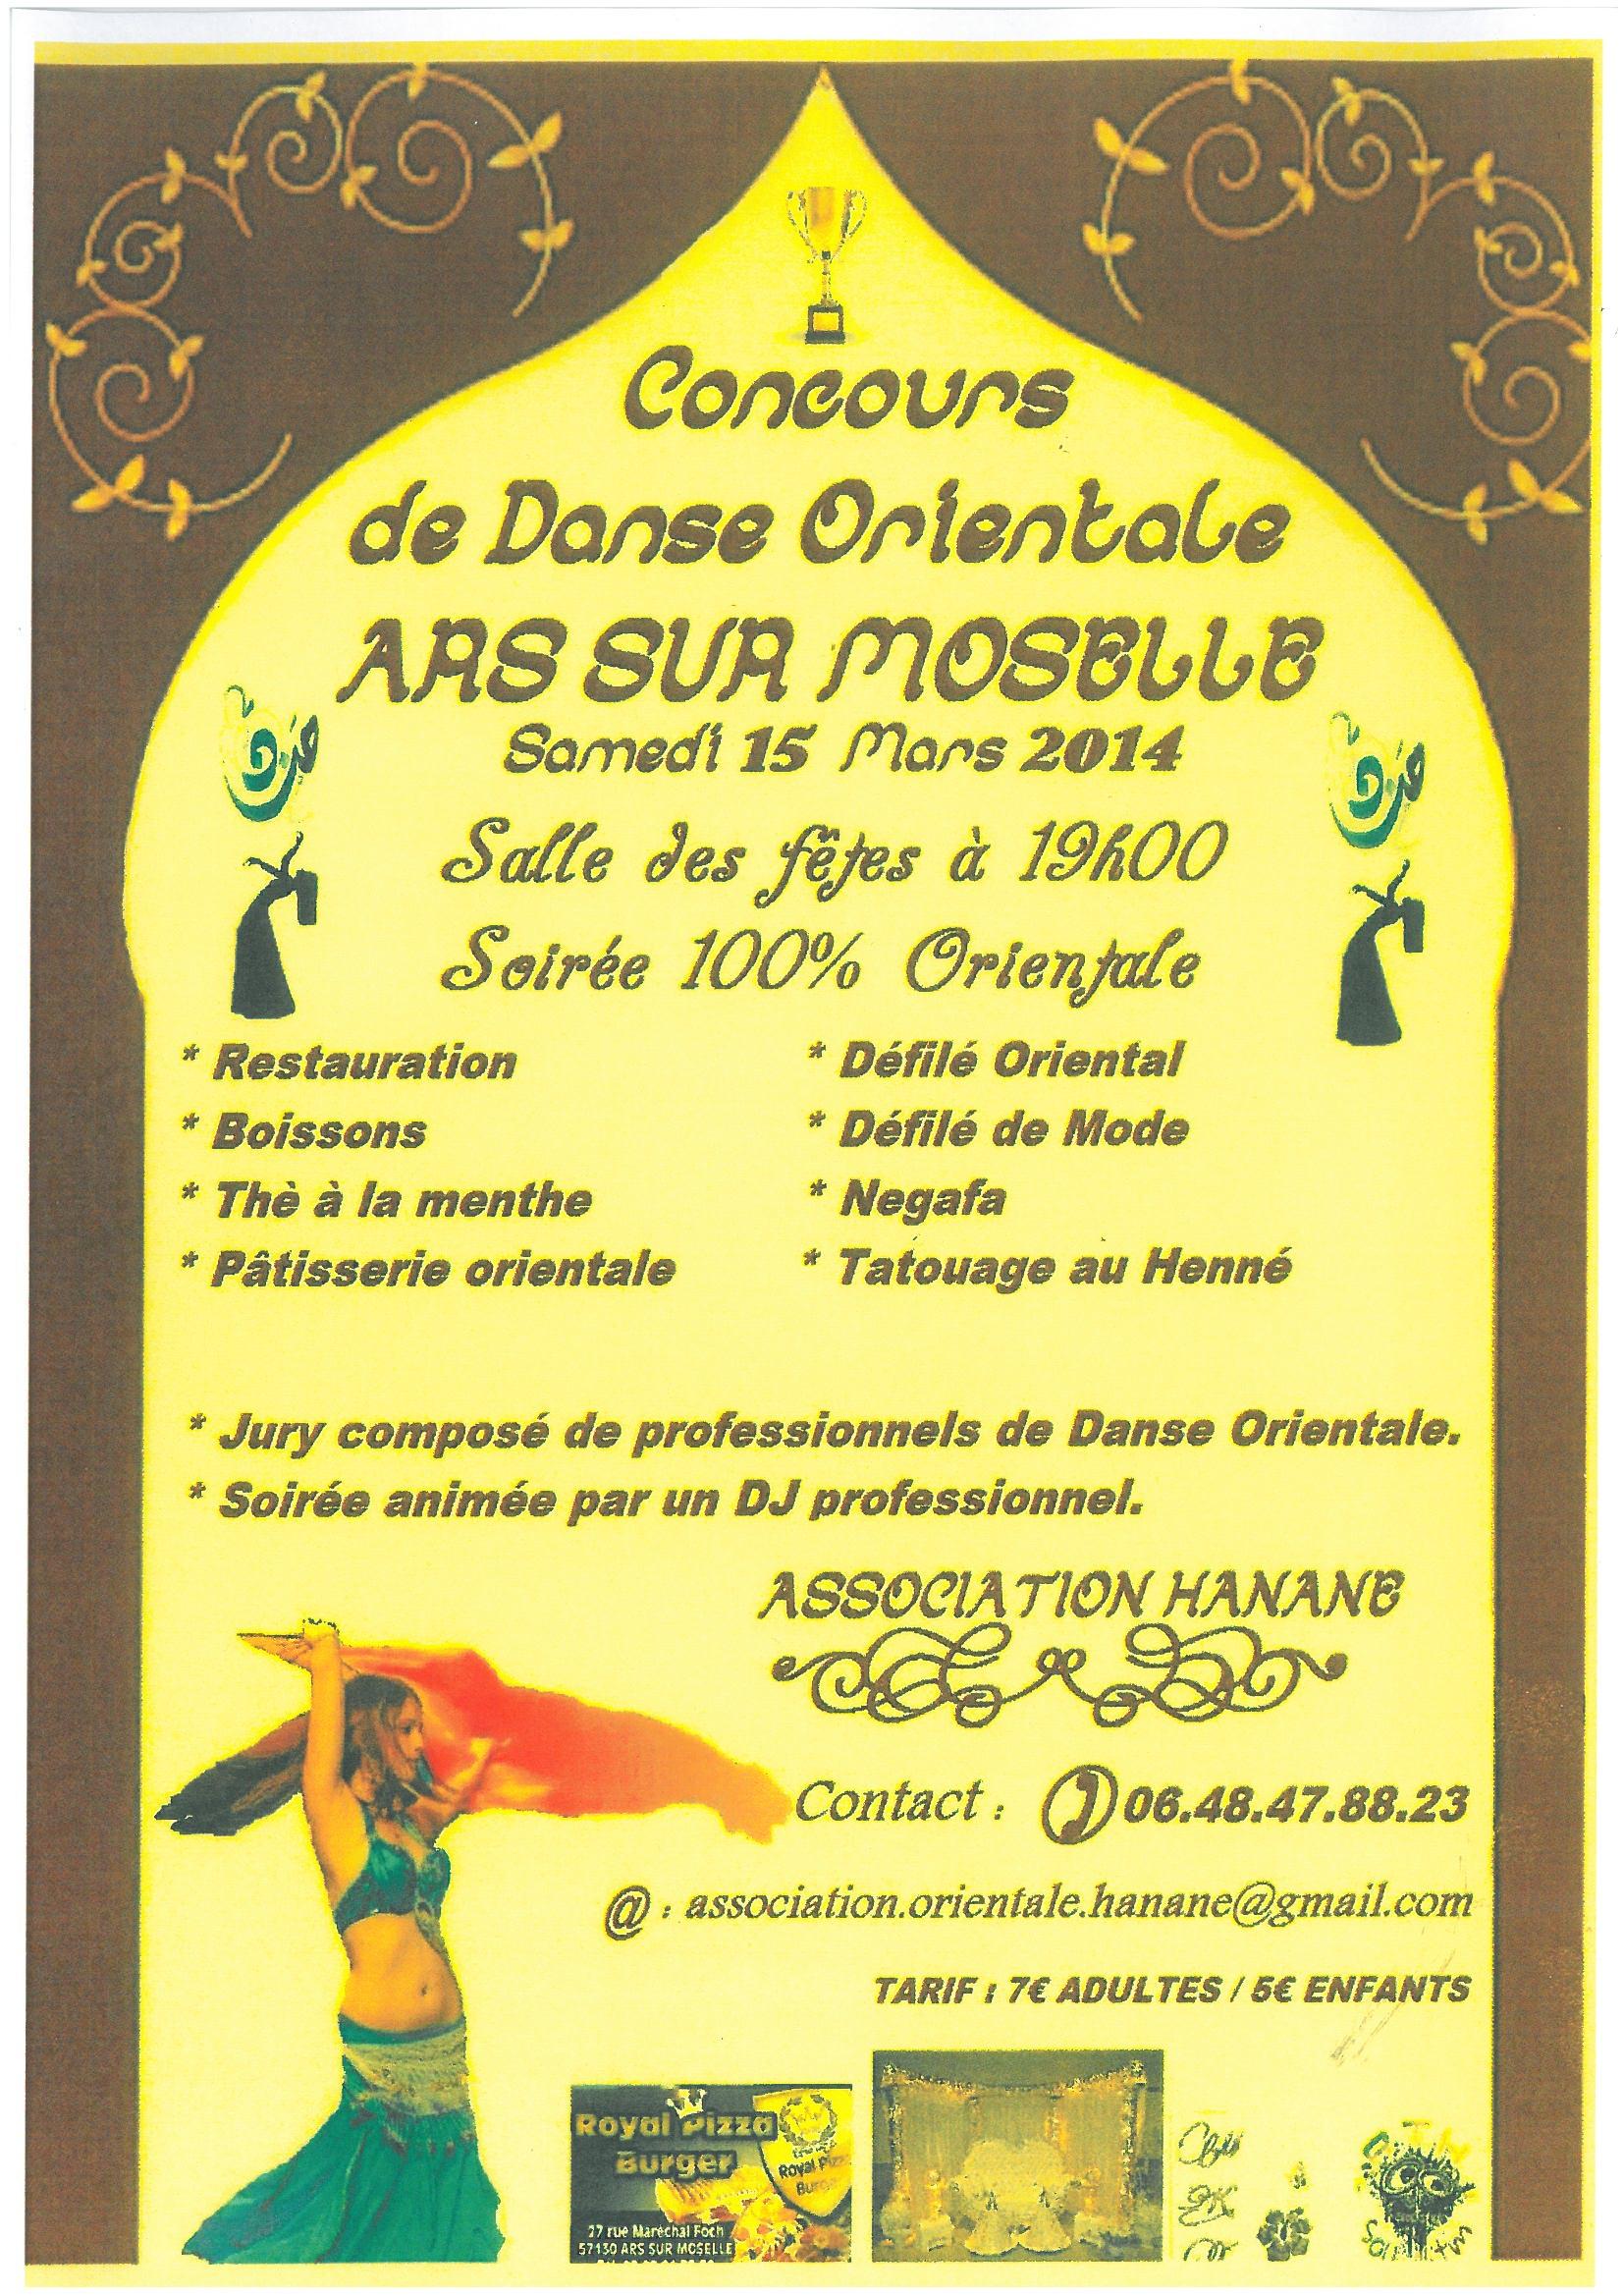 CONCOURS DE DANSE ORIENTALE samedi 15 mars